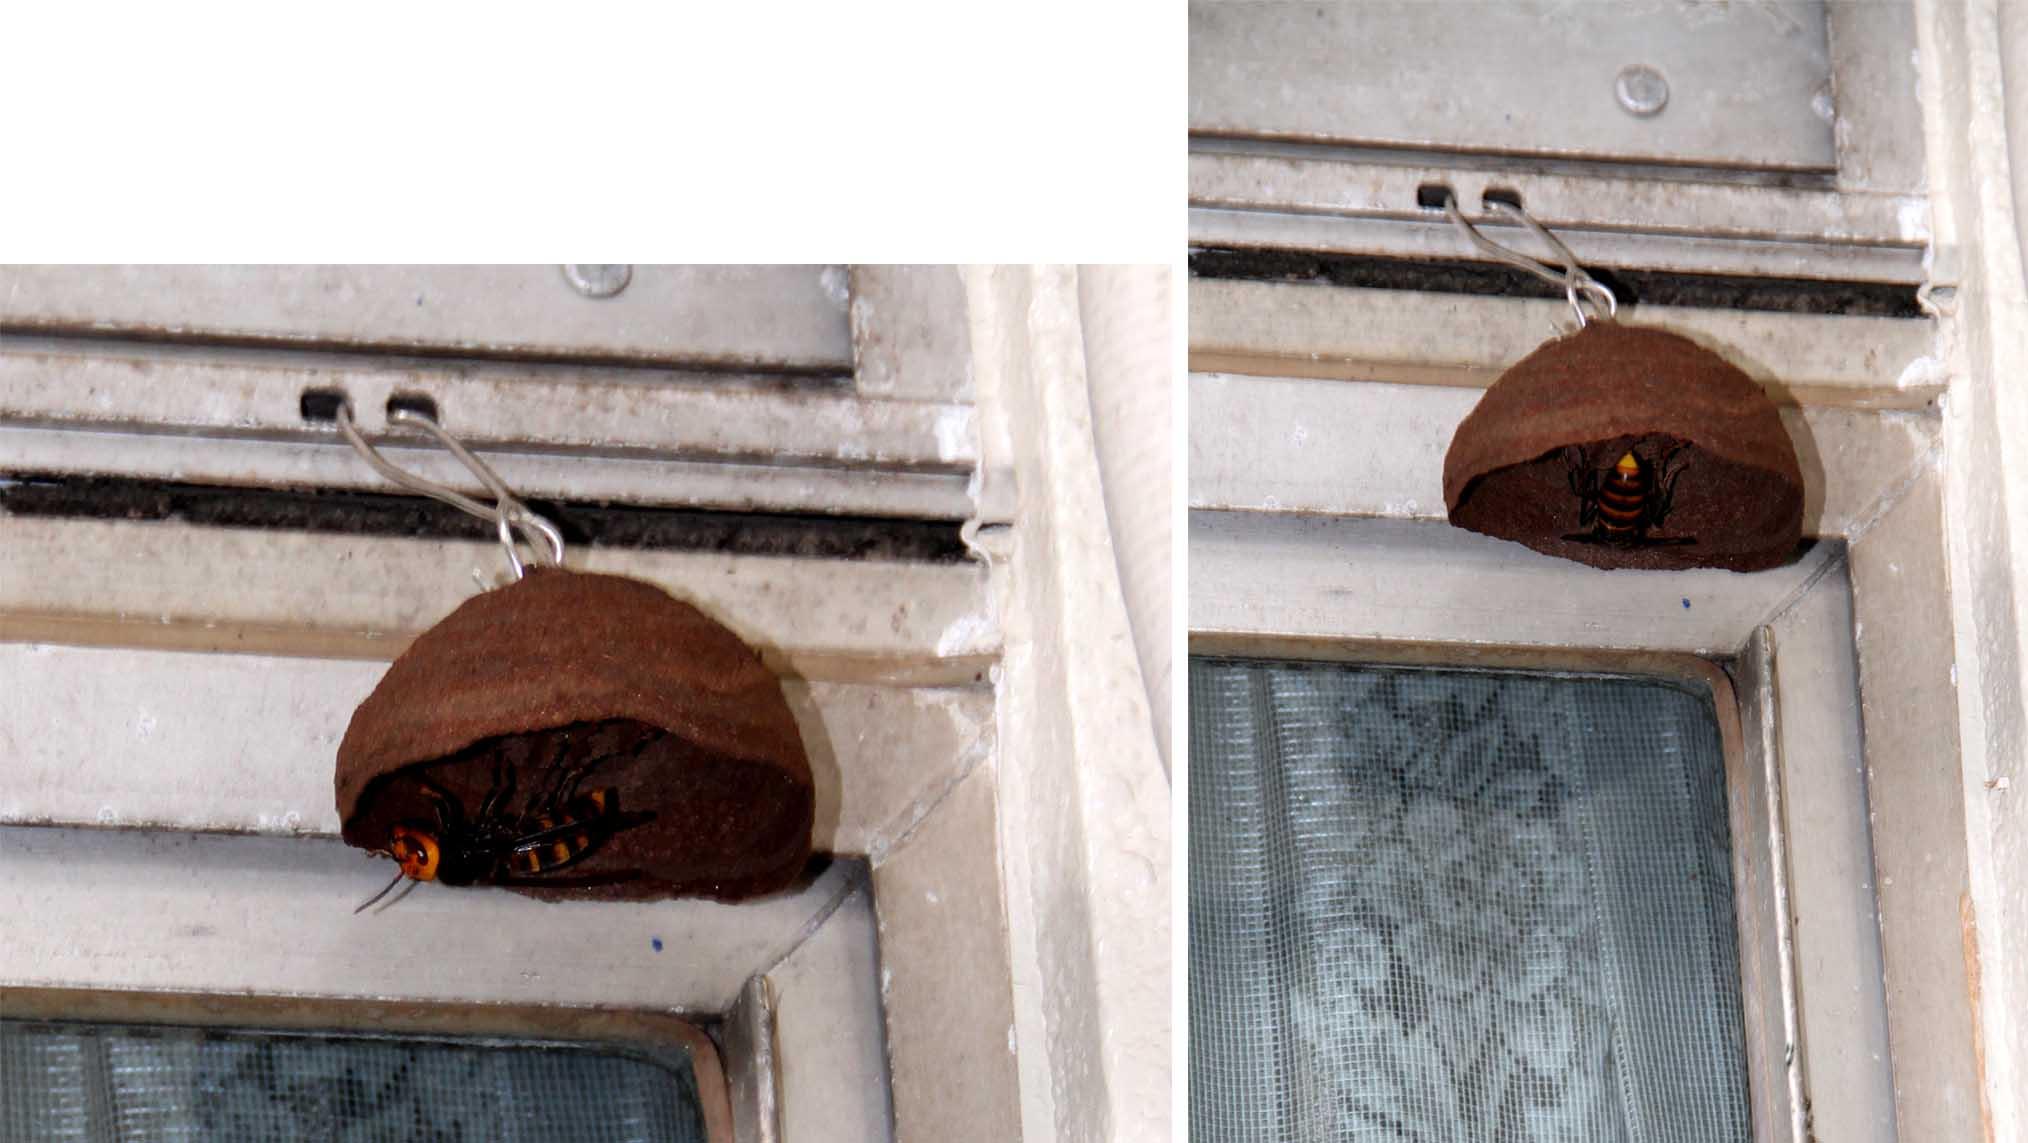 スズメバチの巣作り発見(2)